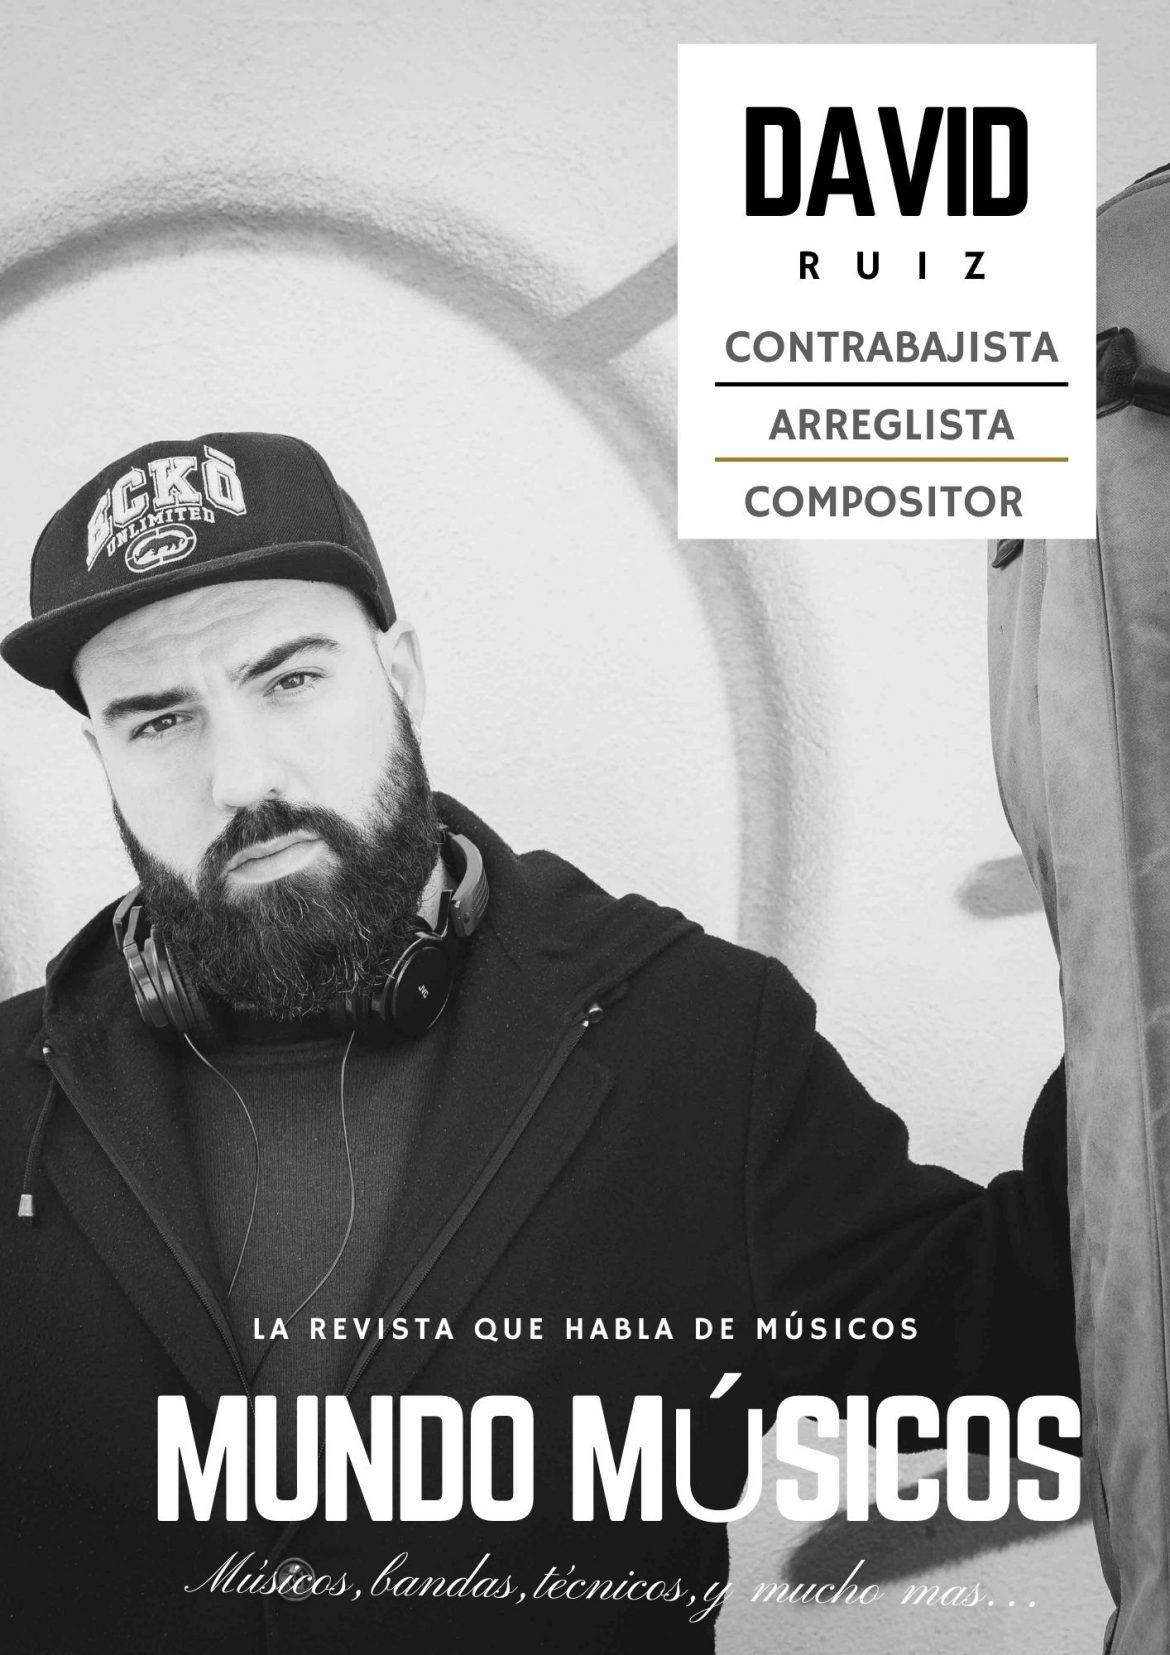 David Ruiz contrabajista , arreglista y compositor